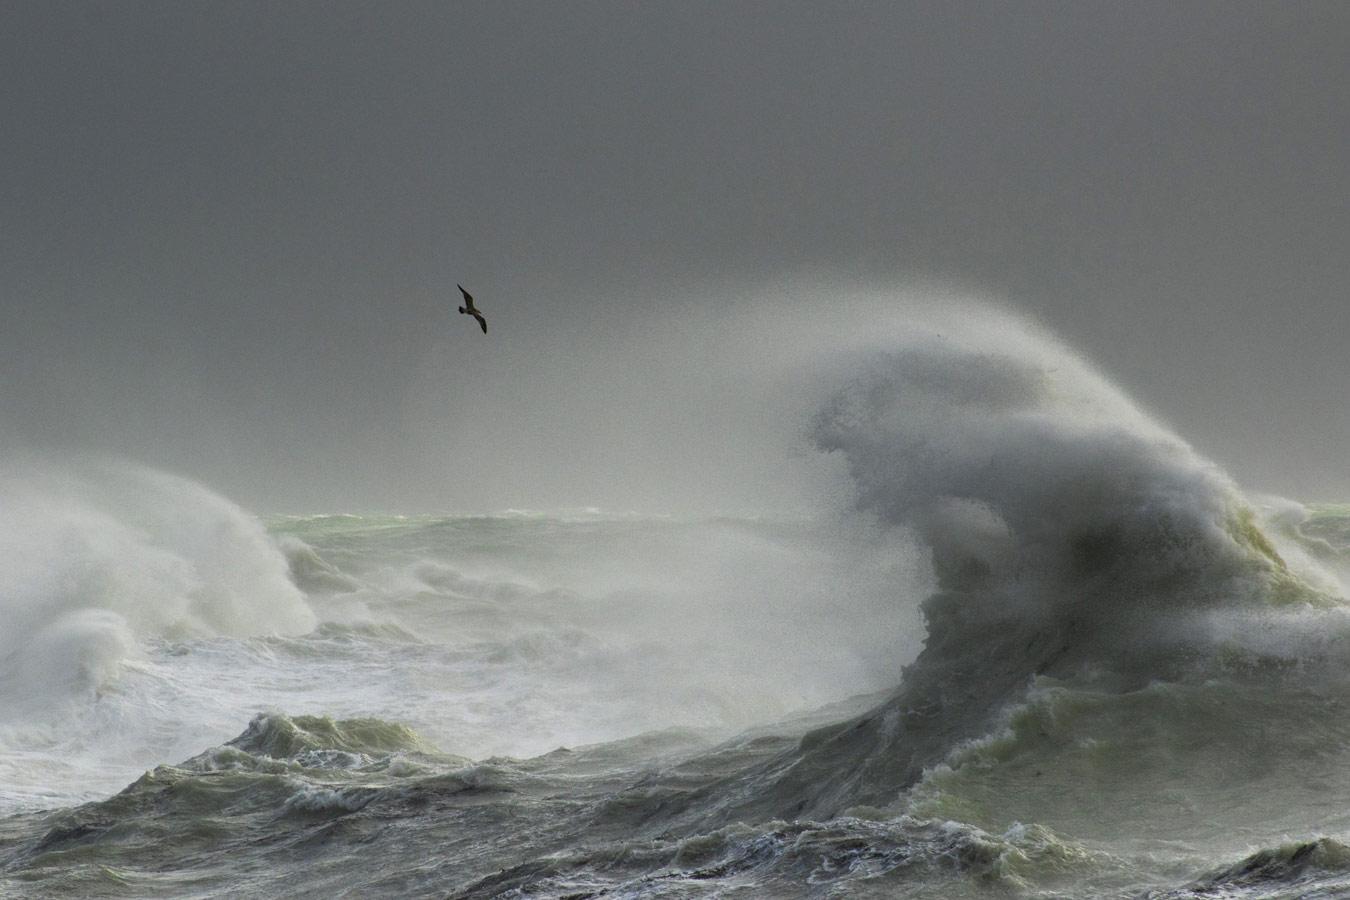 Чайка в бурю. Ньюхейвен, Восточный Суссекс, © Крейг Денфорд, Конкурс фотографий дикой природы British Wildlife